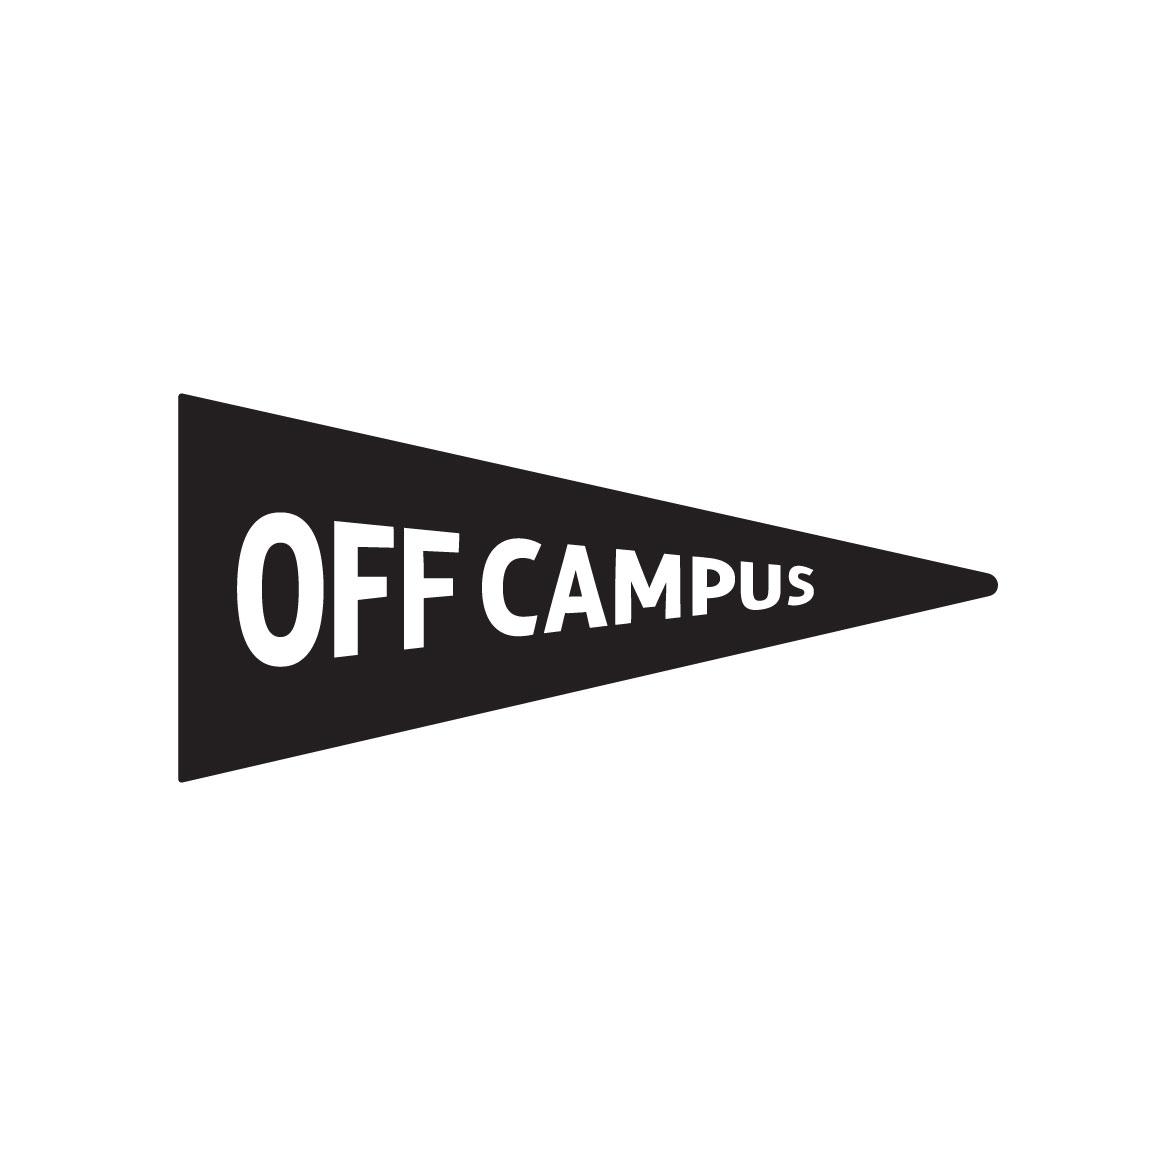 OffCampus.jpg